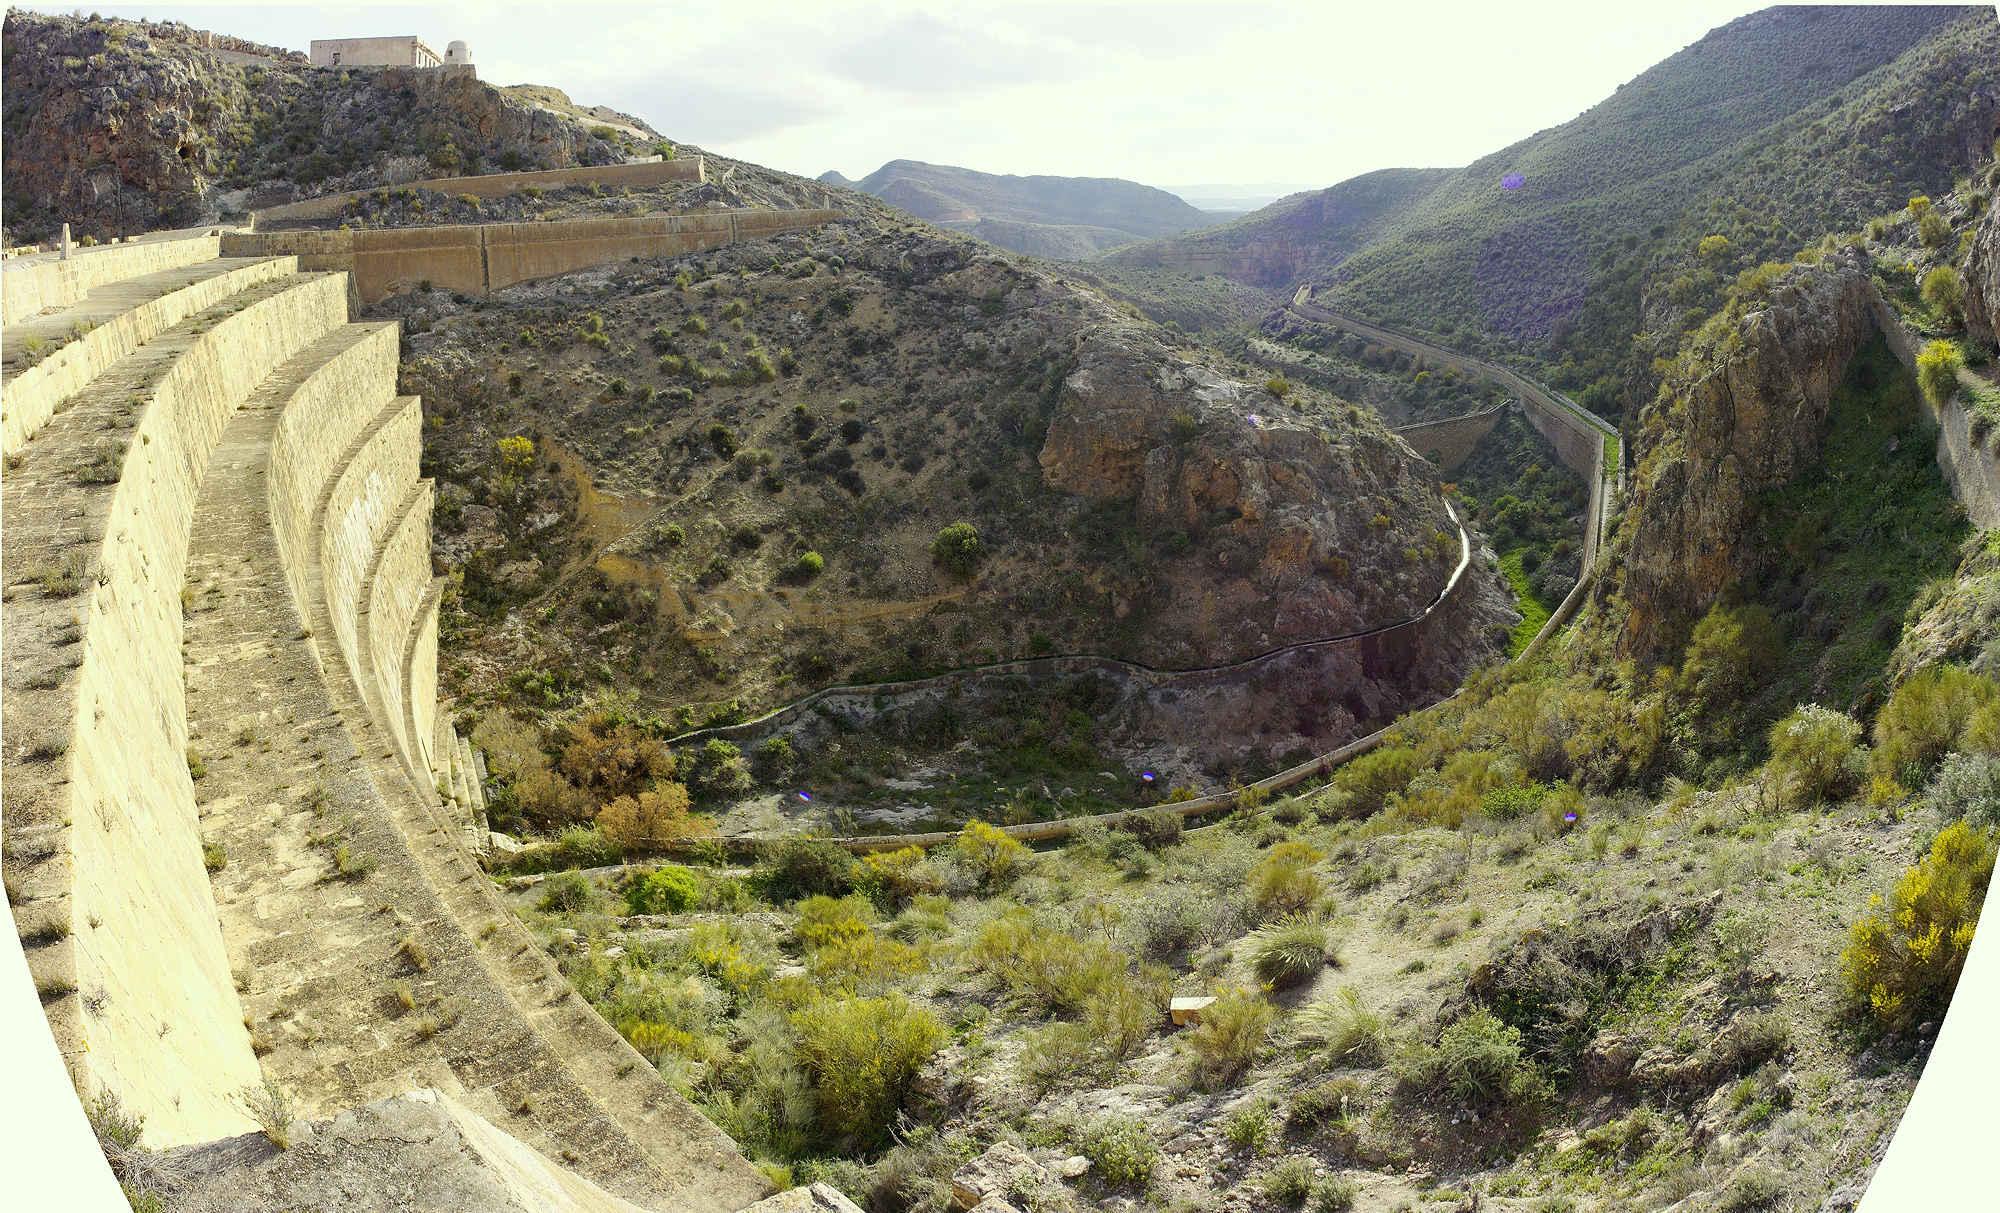 * Blick von der Kante der Staumauer ins Tal ~ Fisheye Composit *